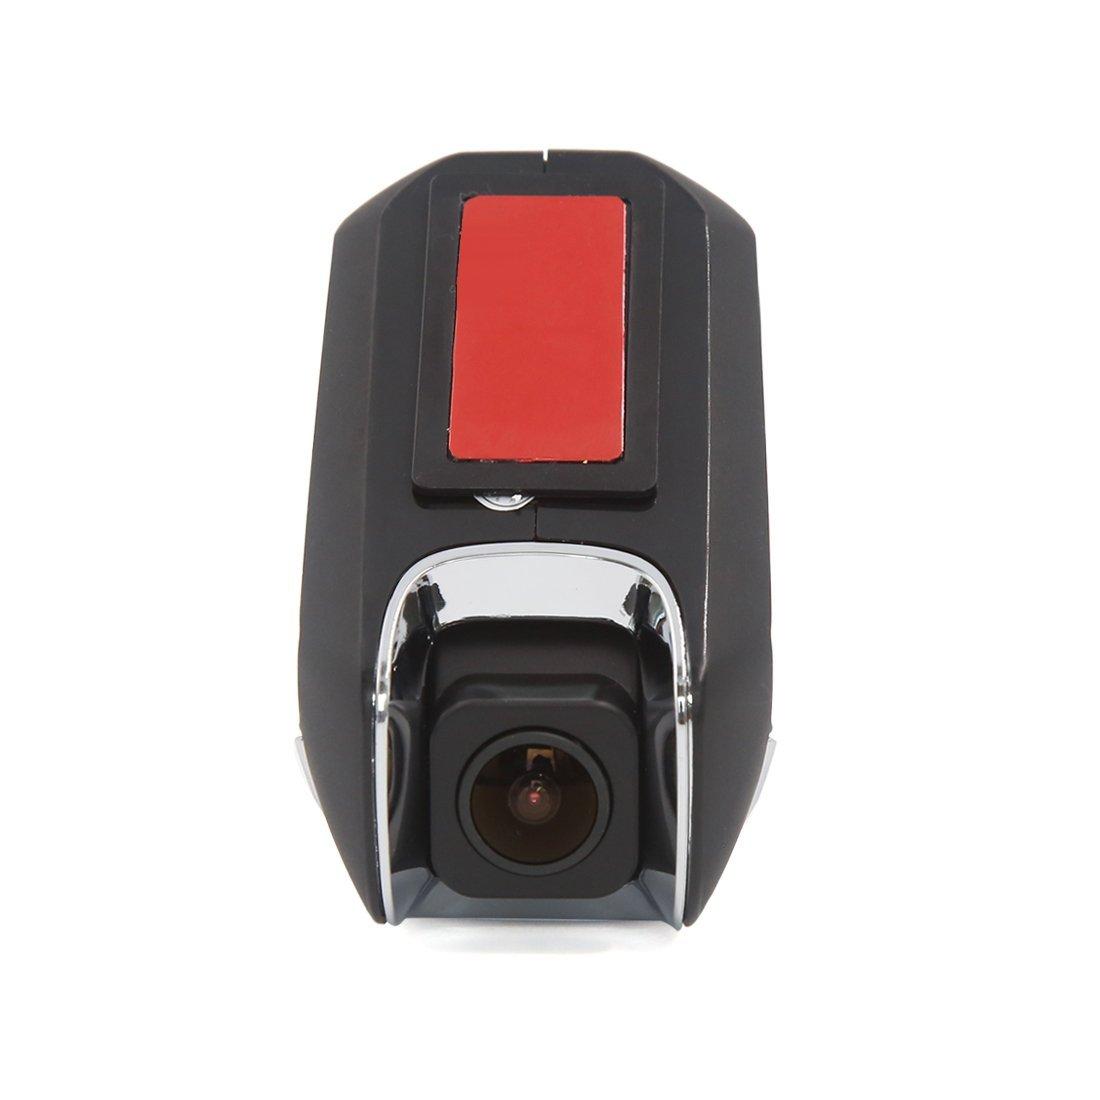 Amazon.com: eDealMax Merrill Autorizado 2.0 FHD WiFi 1080P coche DVR Dash cámara grabadora de vídeo 2.0 LCD Full HD 1080P WiFi vehículo del coche DVR Dash ...